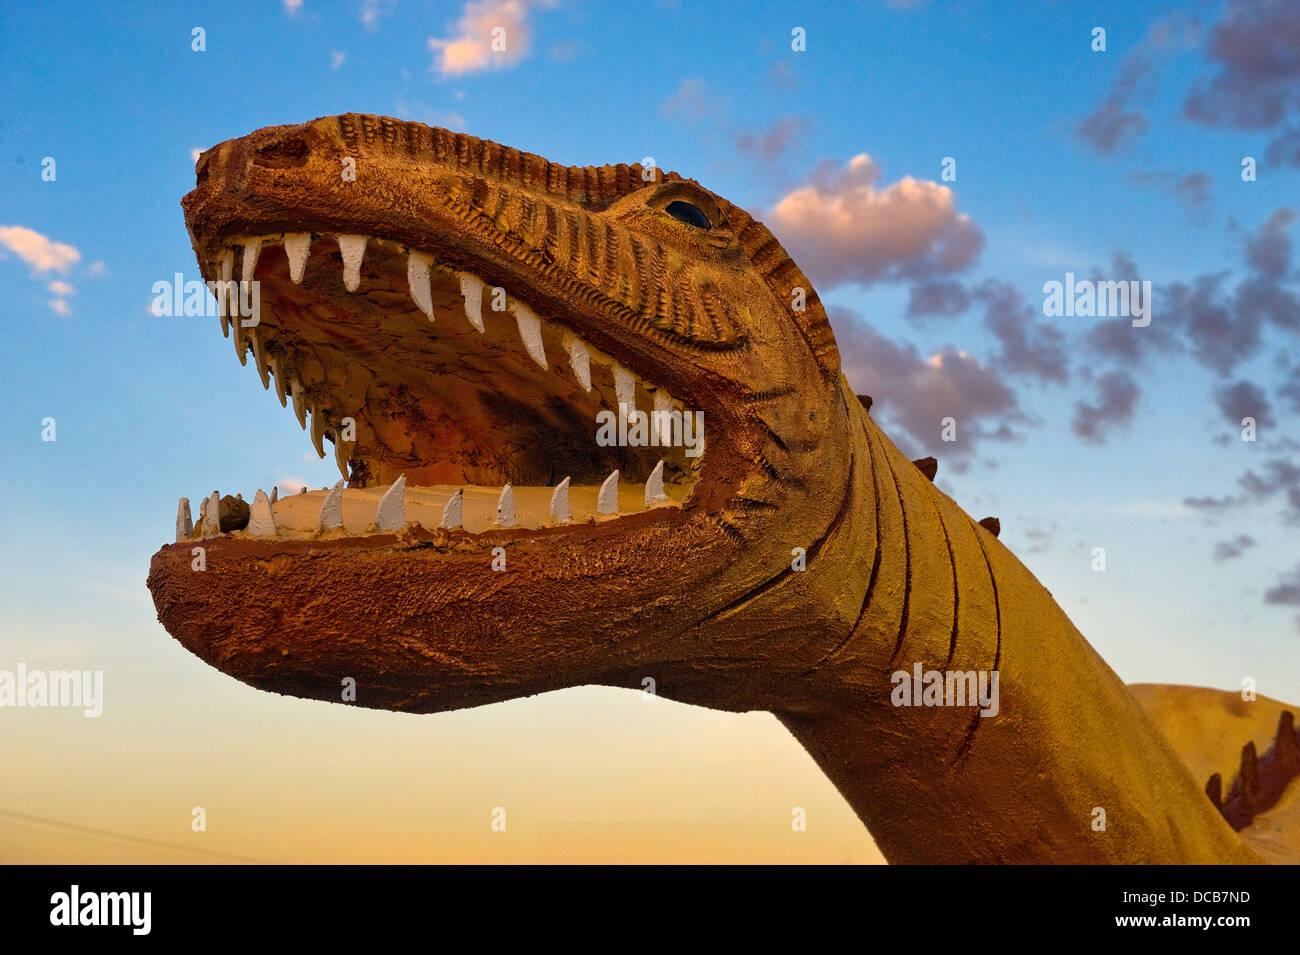 Un dinosaure à un détail concret rock boutique près de Holbrook Arizona Banque D'Images